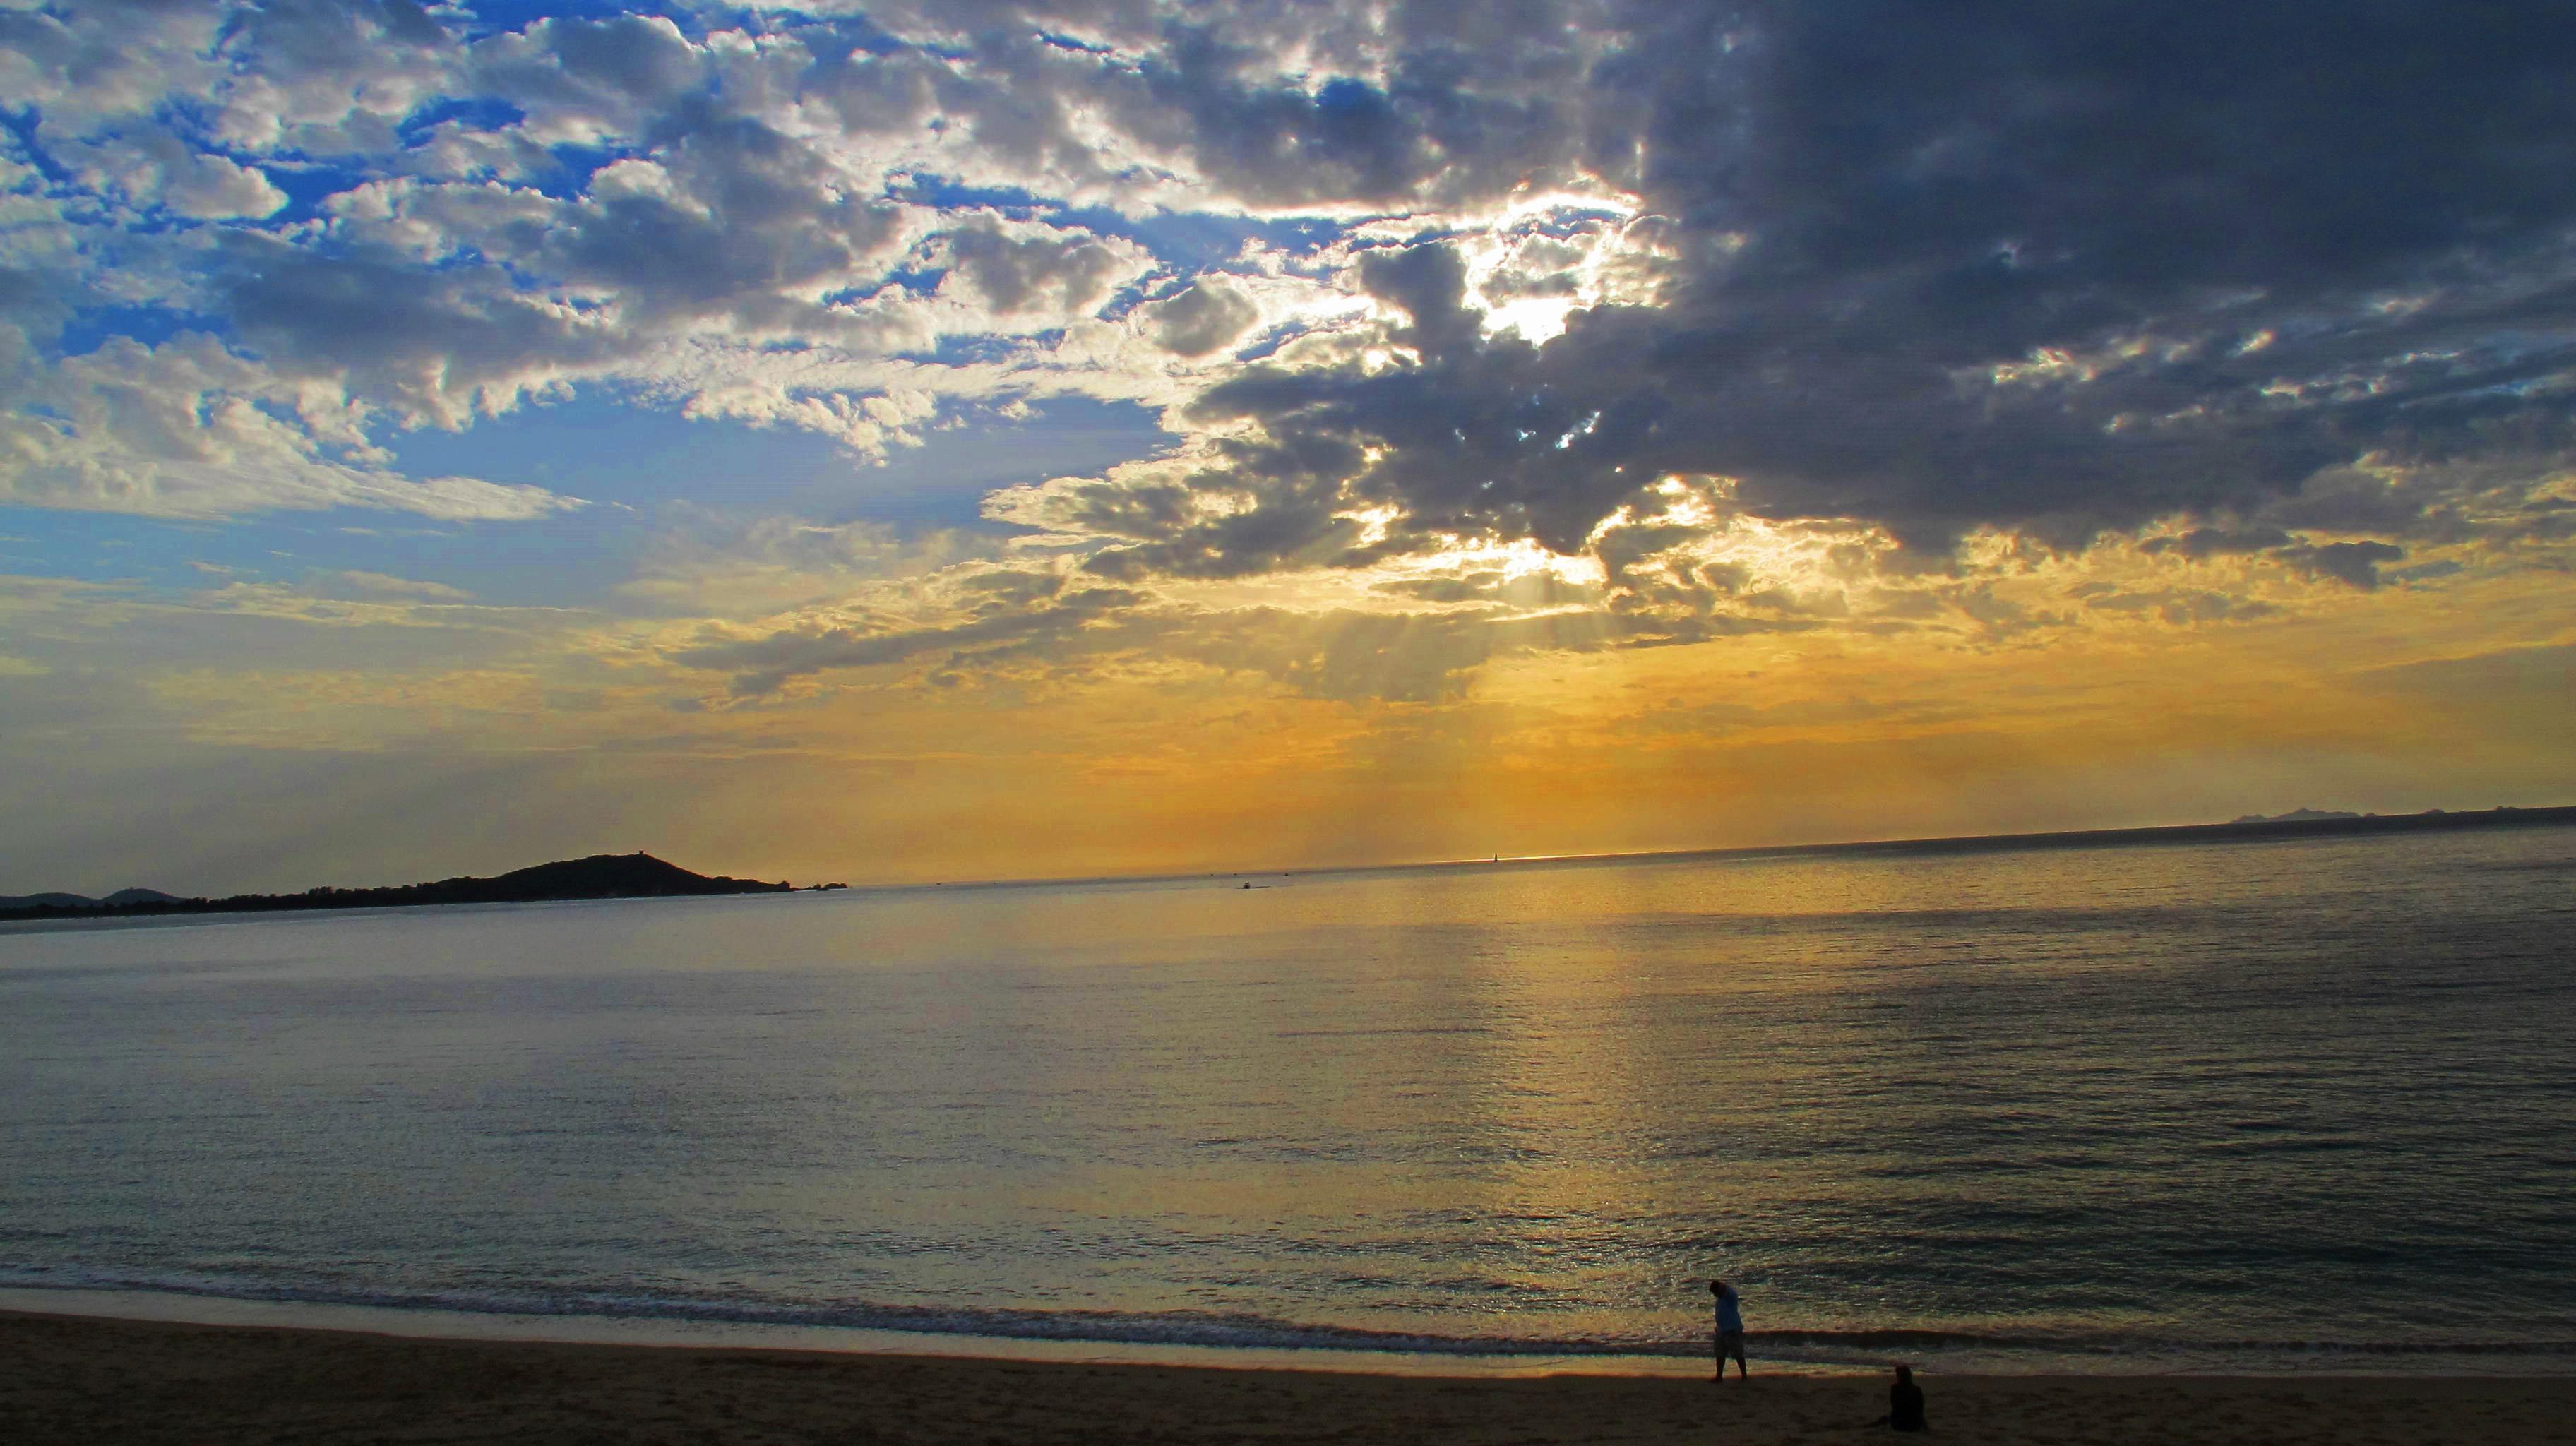 Un jour se lève sur l'île de beauté /crédit photo JDL